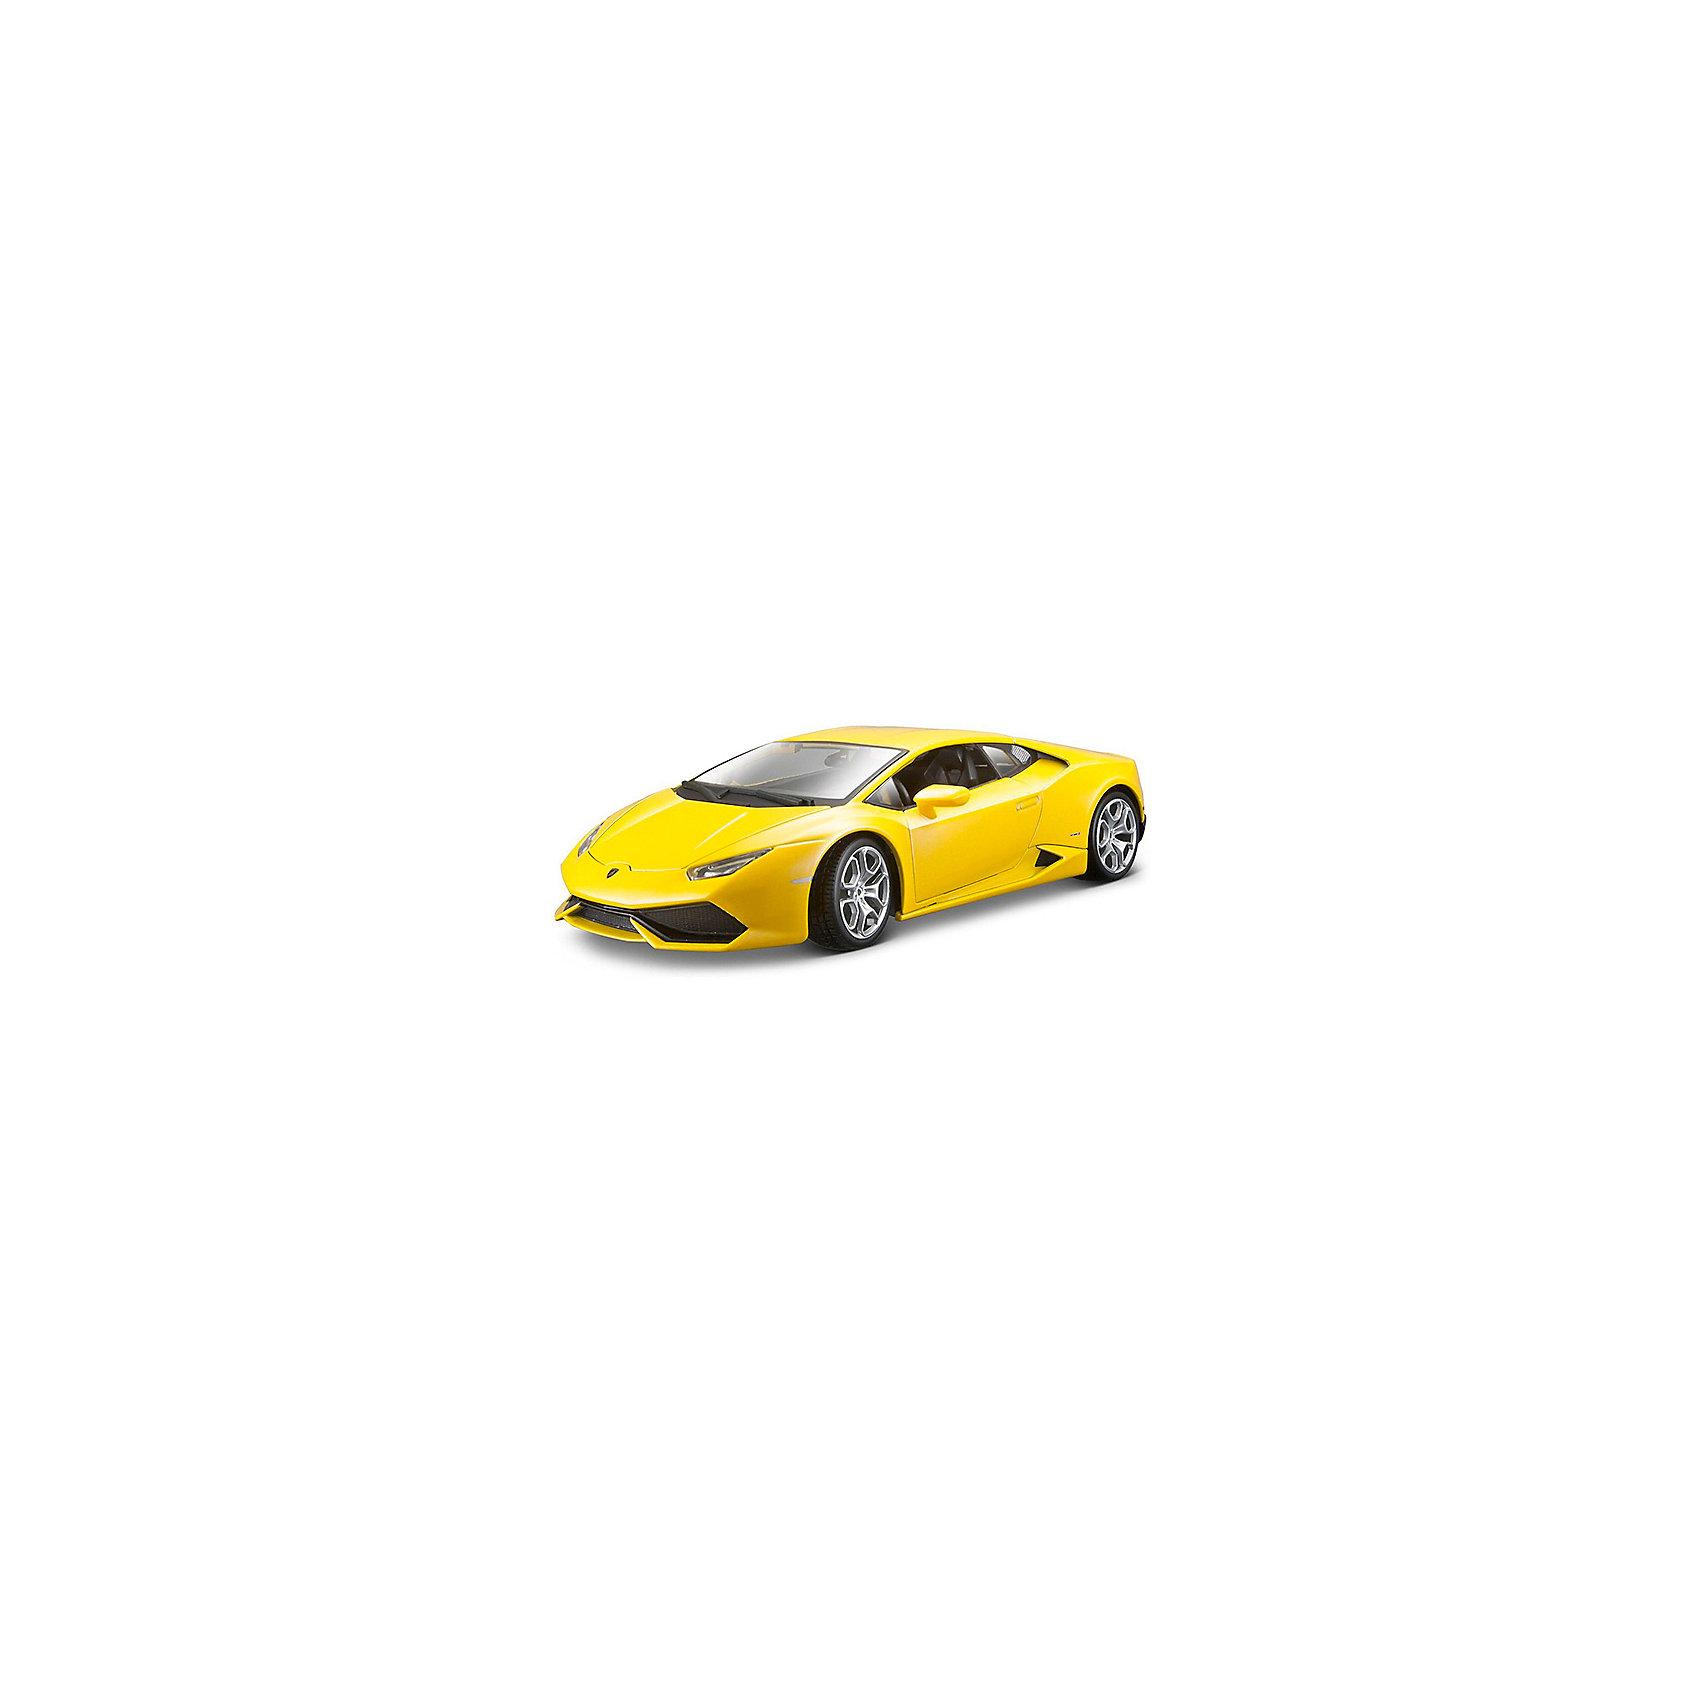 Модель машины 1:18 Lamborghini Huracan, WellyКоллекционные модели<br>Коллекционная модель автомобиля Welly Lamborghini Huracan, выполненная в масштабе 1:18. Это потрясающее авто было выпущено в 2015 году и пришло на замену другому полноприводному спортивному автомобилю компании Ламборджини – Gallardo. Обратите внимание, машина представлена в цветовом ассортименте, выбранный вариант в поставке не гарантирован.<br><br>Ширина мм: 160<br>Глубина мм: 140<br>Высота мм: 340<br>Вес г: 1052<br>Возраст от месяцев: 36<br>Возраст до месяцев: 192<br>Пол: Мужской<br>Возраст: Детский<br>SKU: 4966479